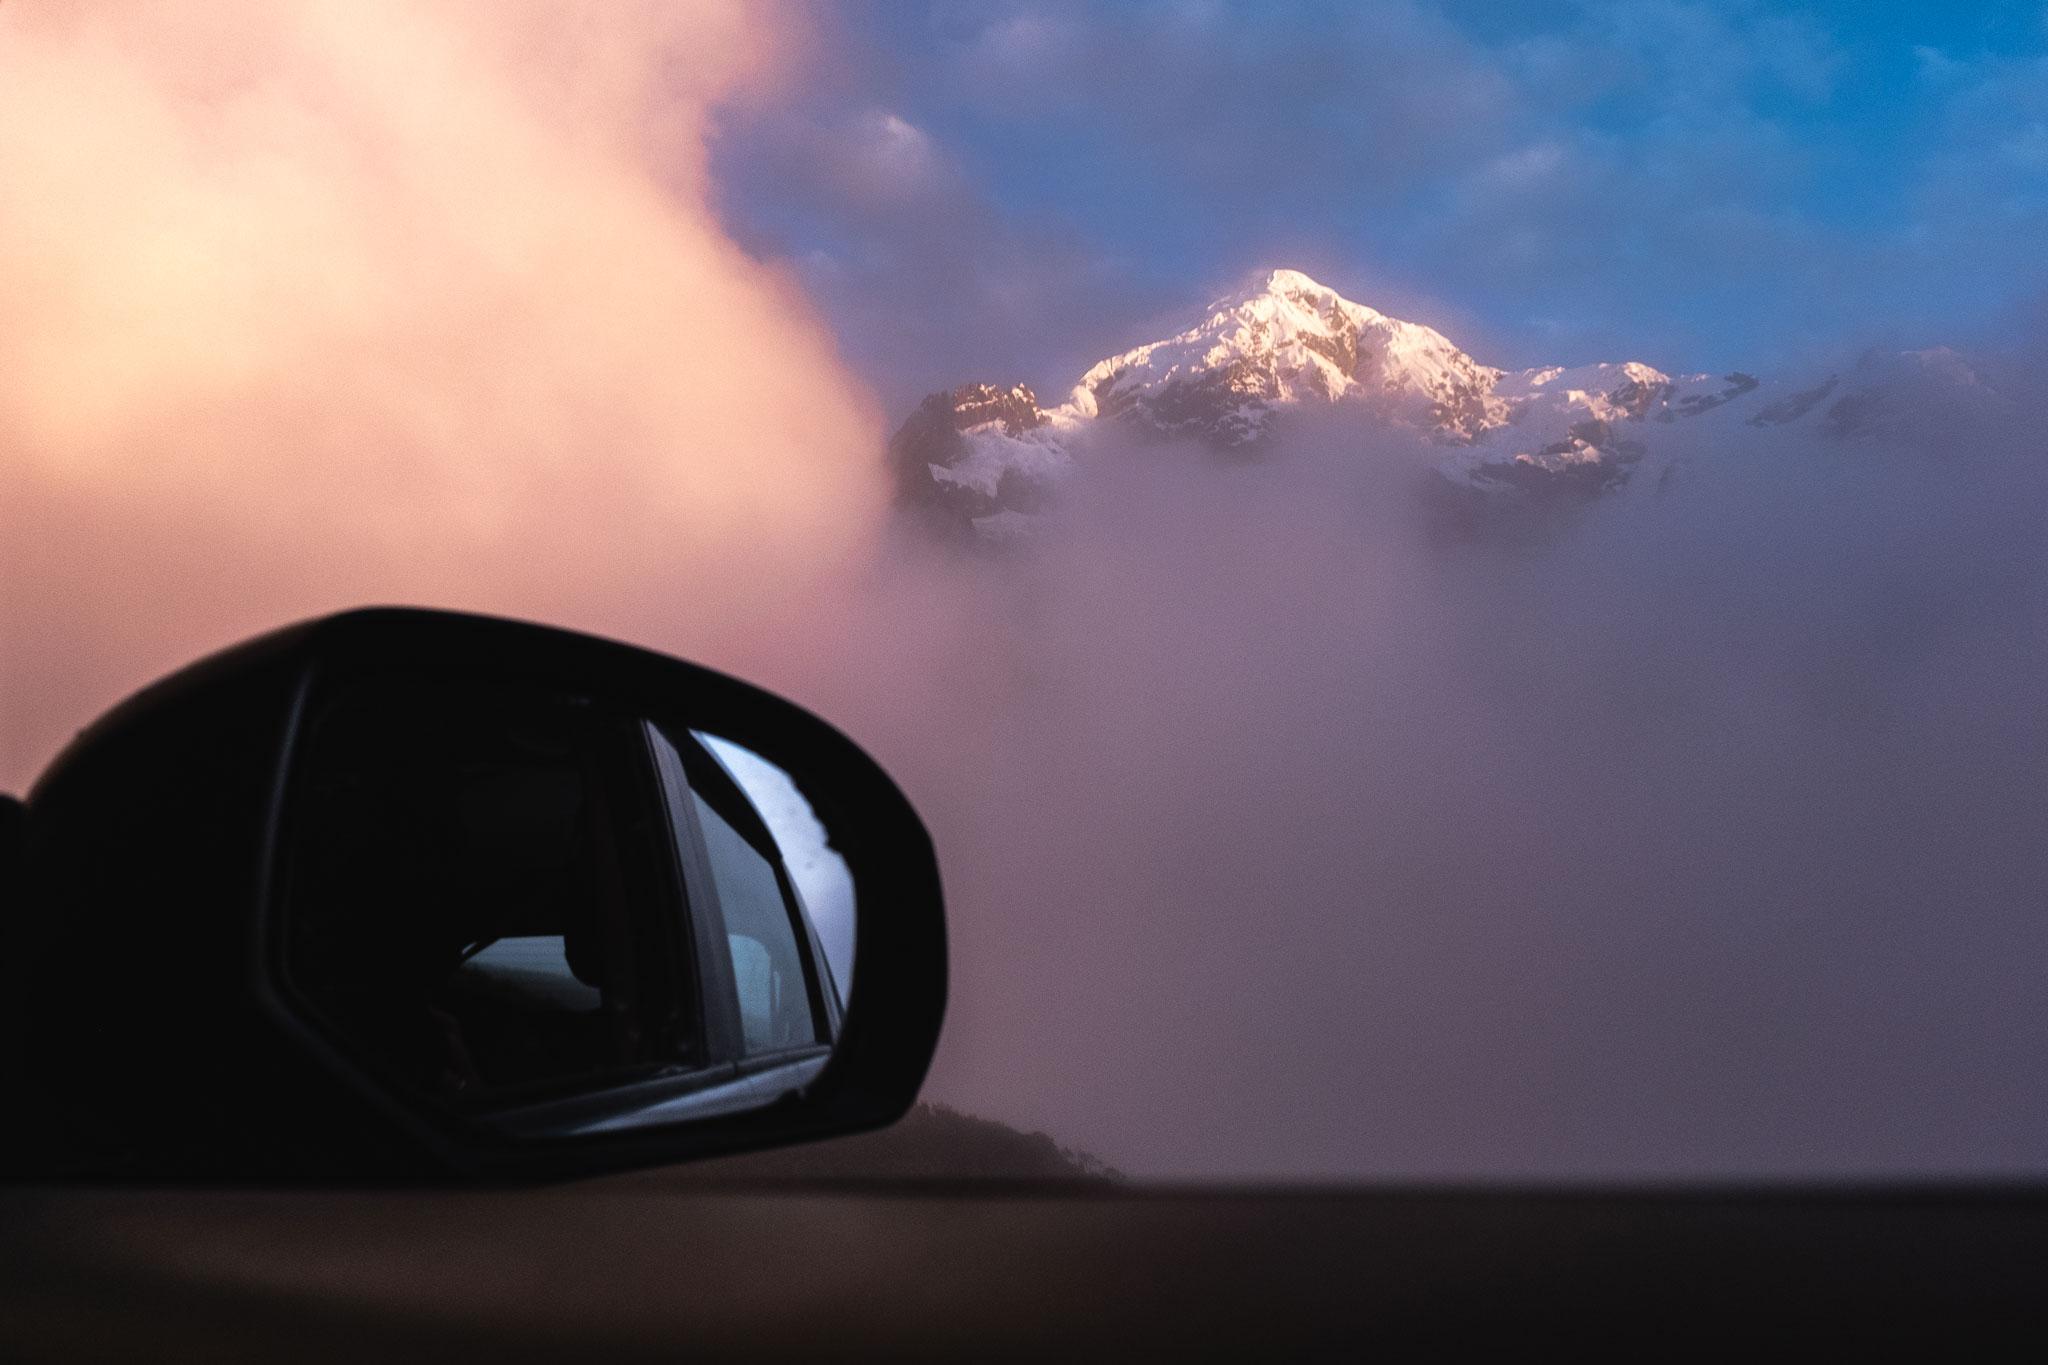 veronica-mountain-abra-malaga-cusco-peru